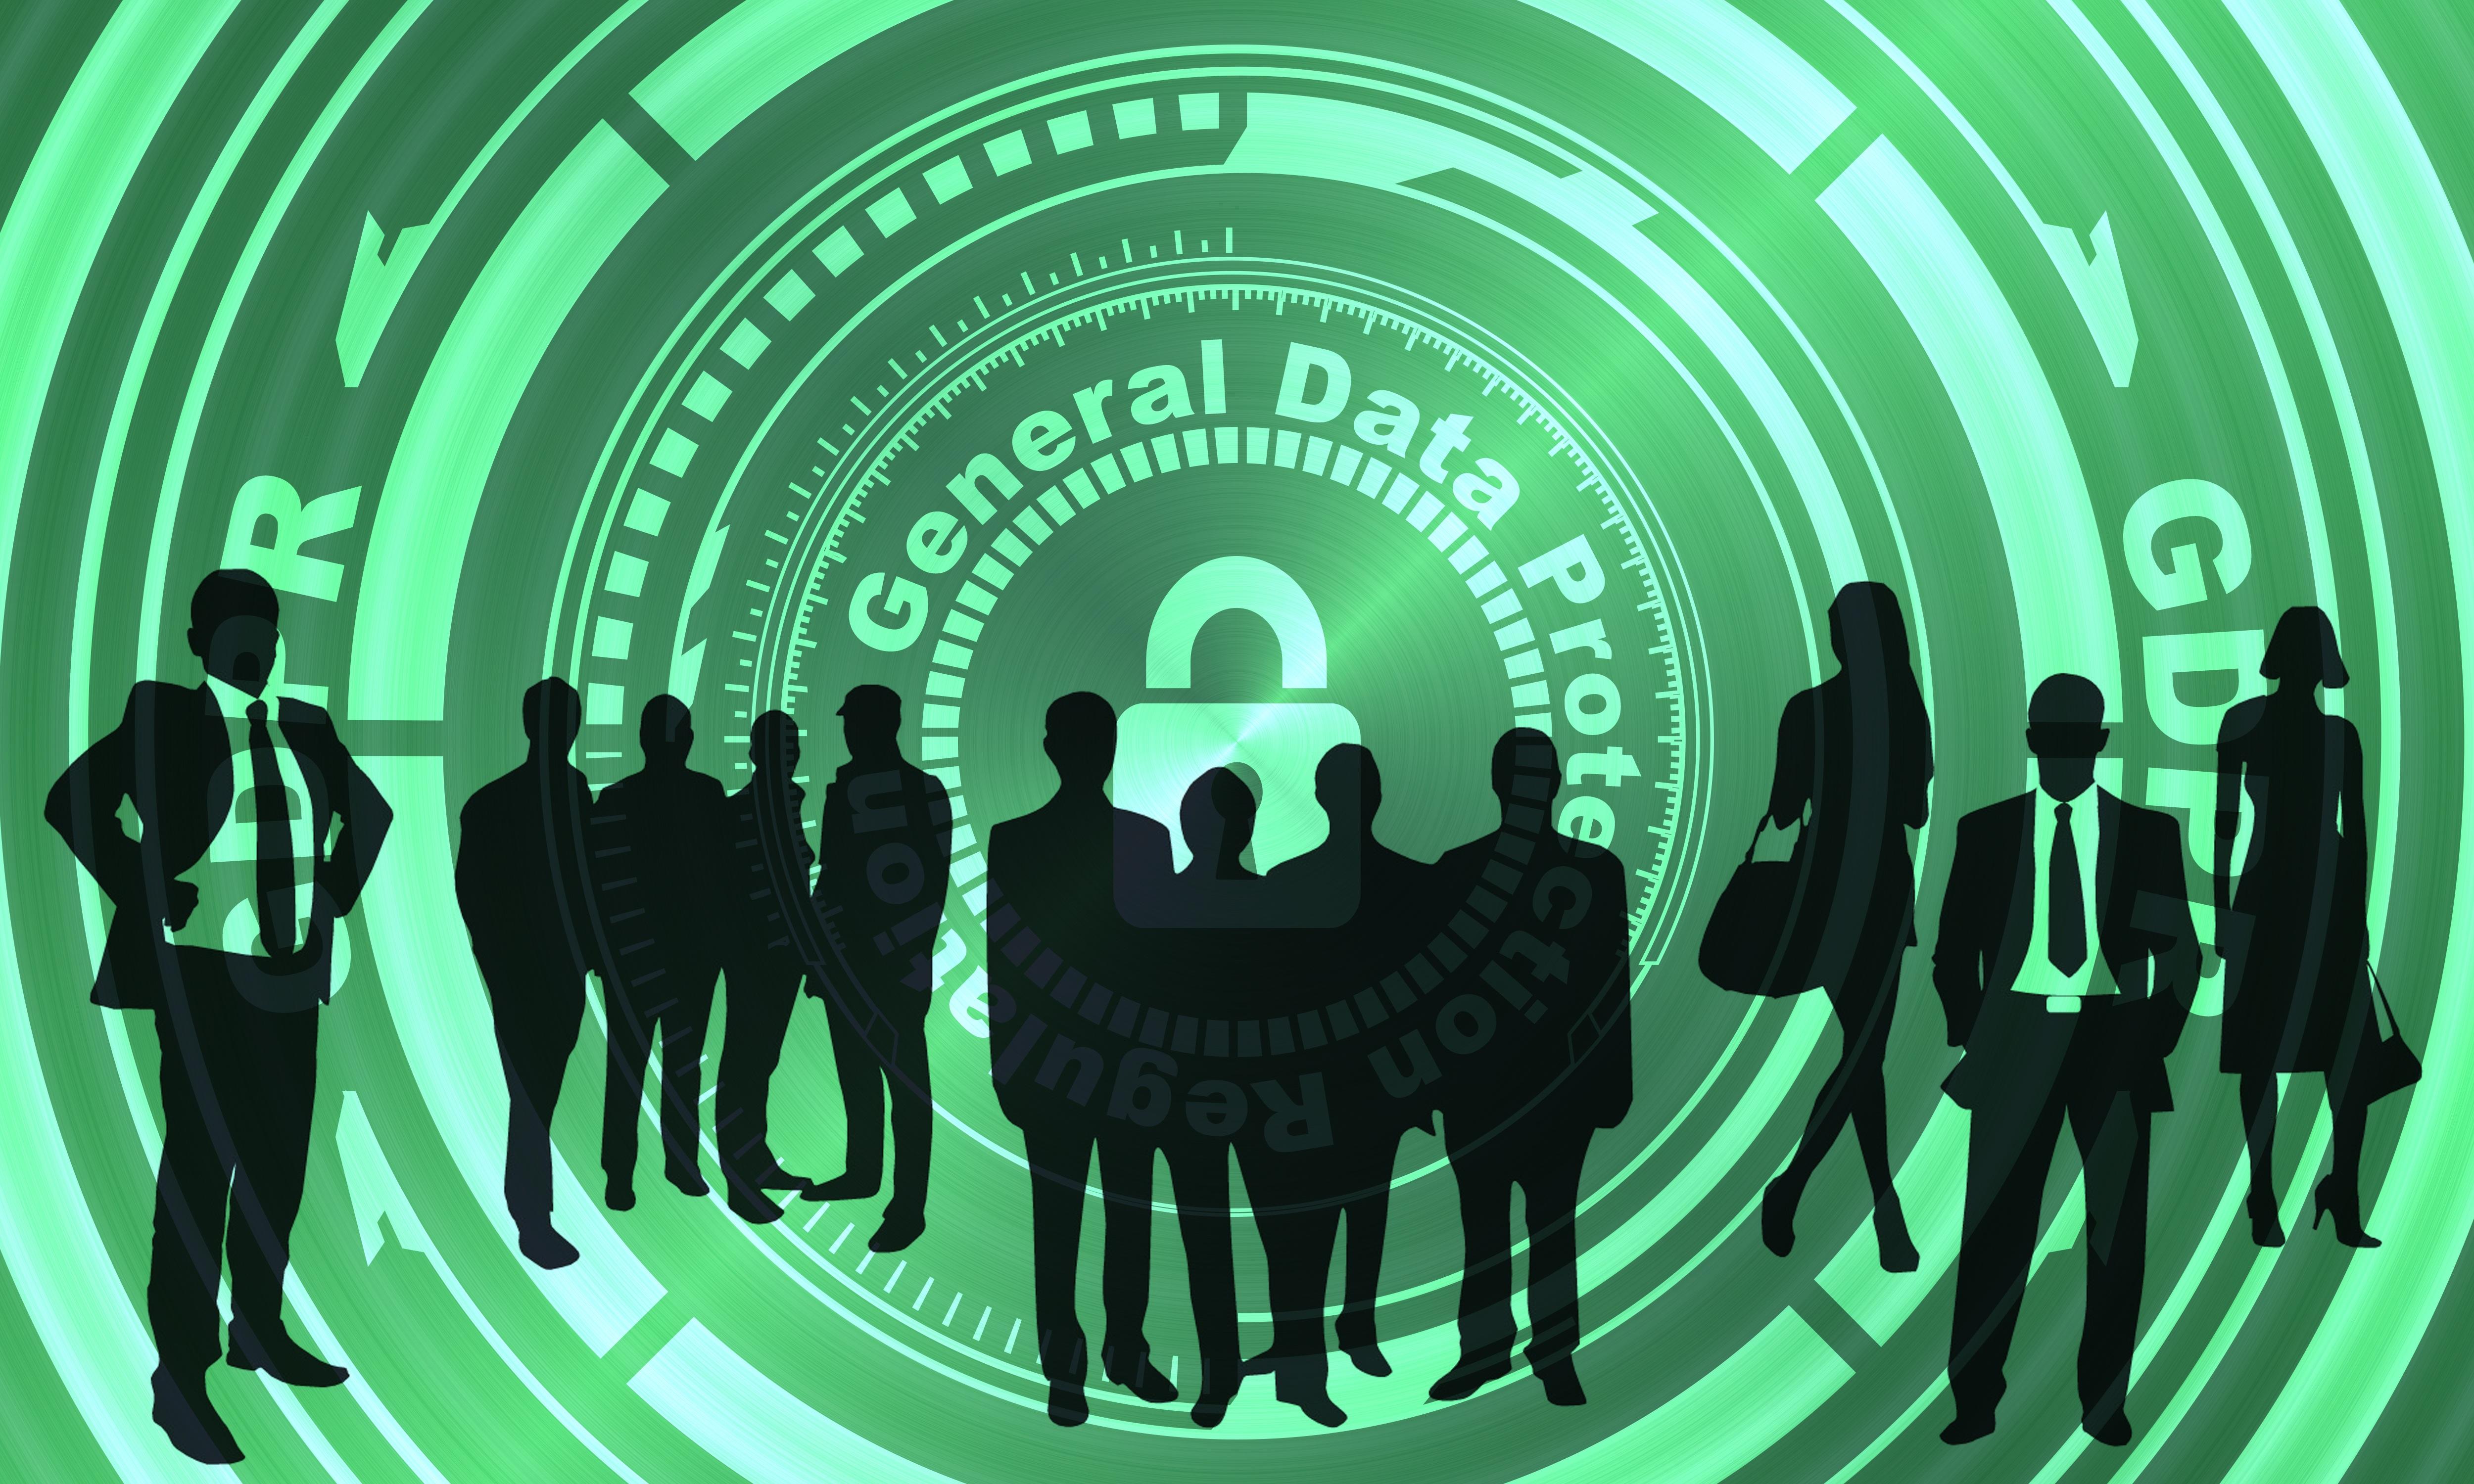 nařízení o ochraně osobních údajů